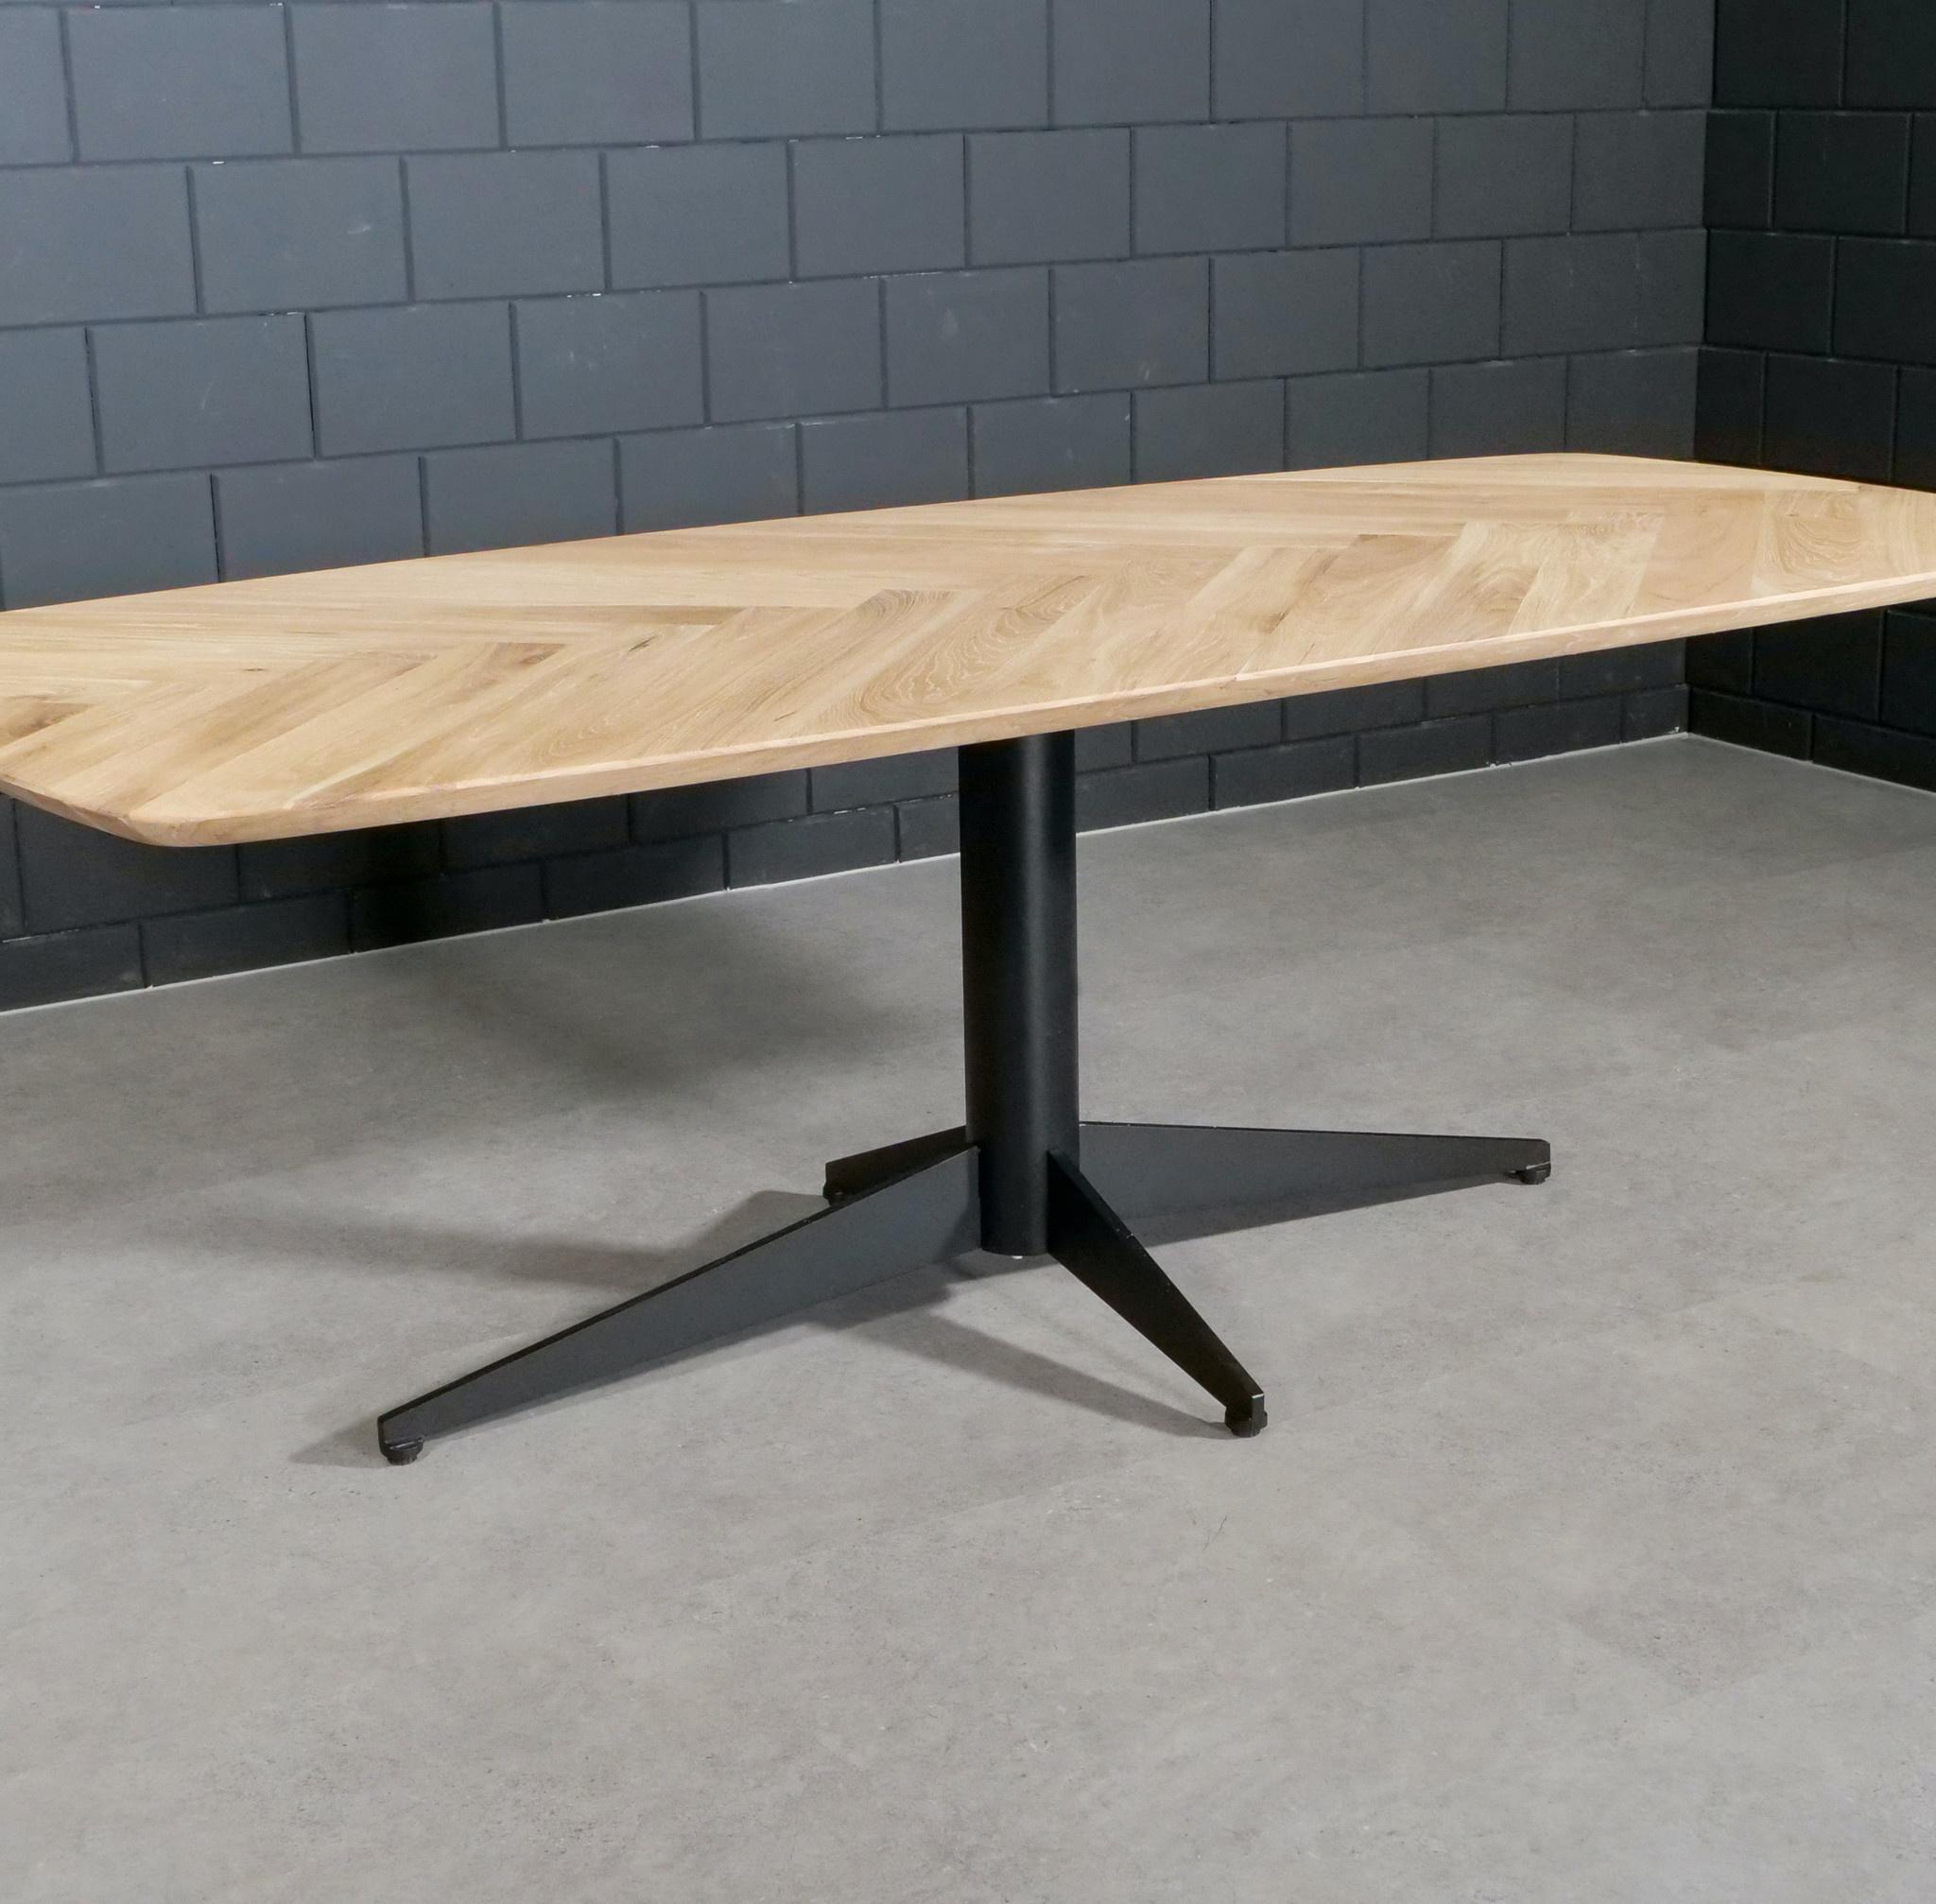 Tischgestell Metall 4-Fuß - 80x140 cm breit - 72cm hoch - Rohrprofil: 11,4 cm - Mehrteilig - Stahl Tischfuß / Mittelfuß - Rechteckig / Oval - Beschichtet - Schwarz